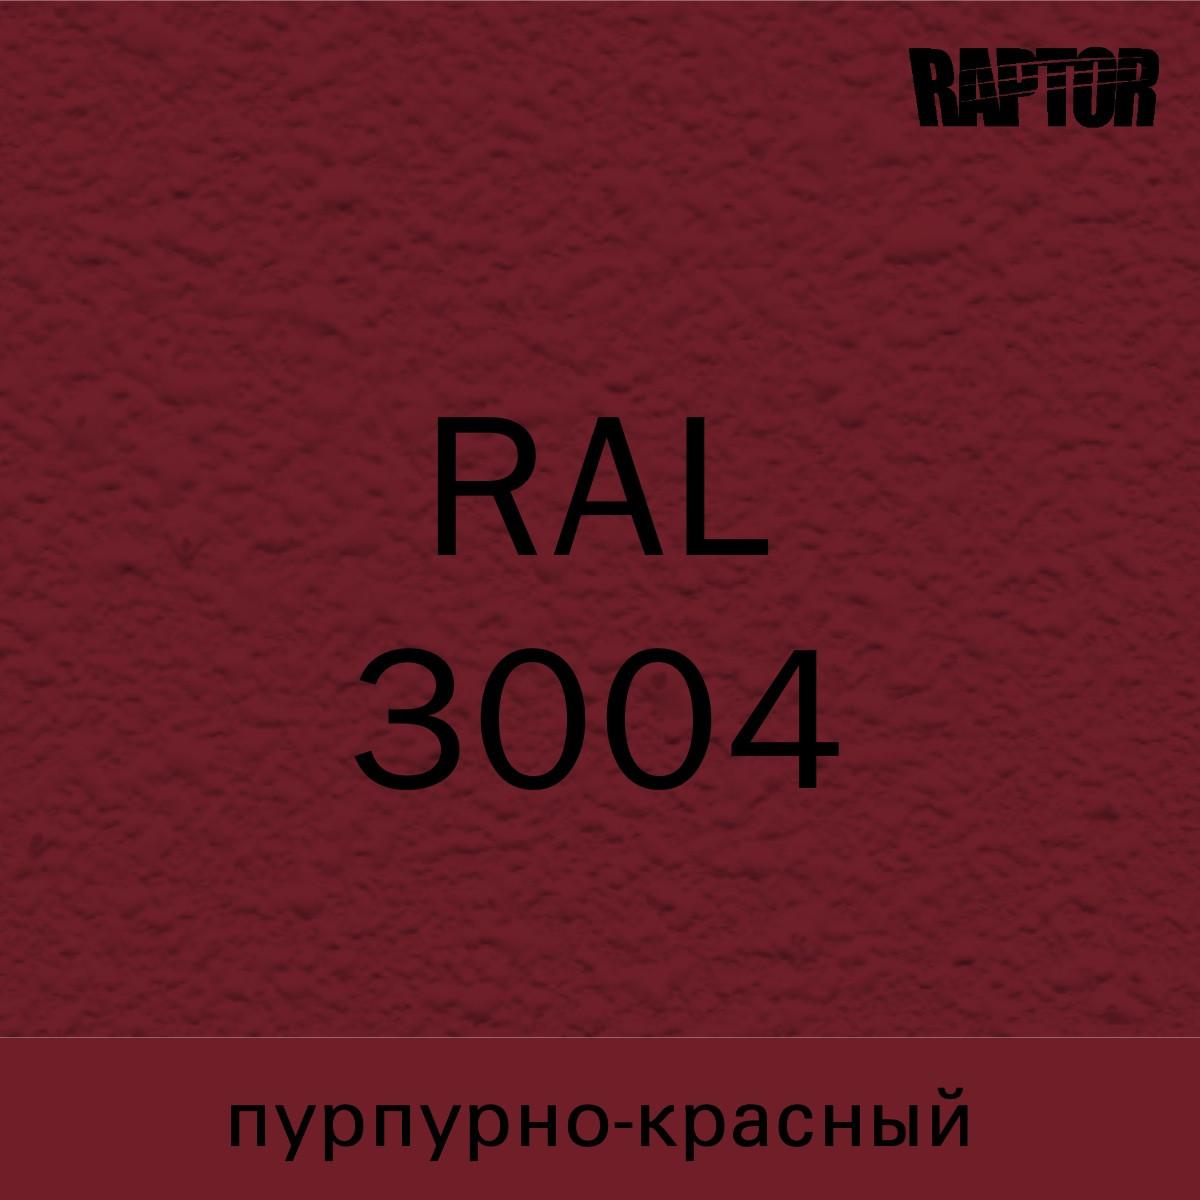 Пигмент для колеровки покрытия RAPTOR™ Пурпурно-красный (RAL 3004)